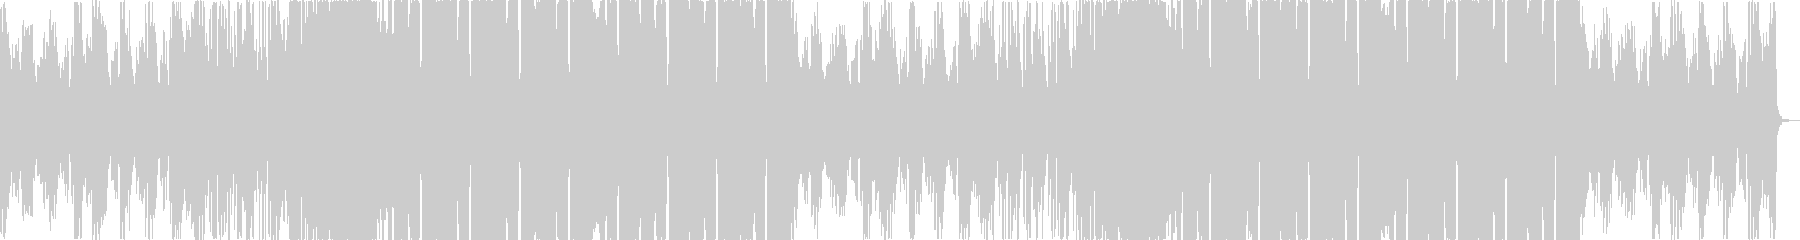 爽やか洋楽チルアウトフューチャーベースaの未再生の波形